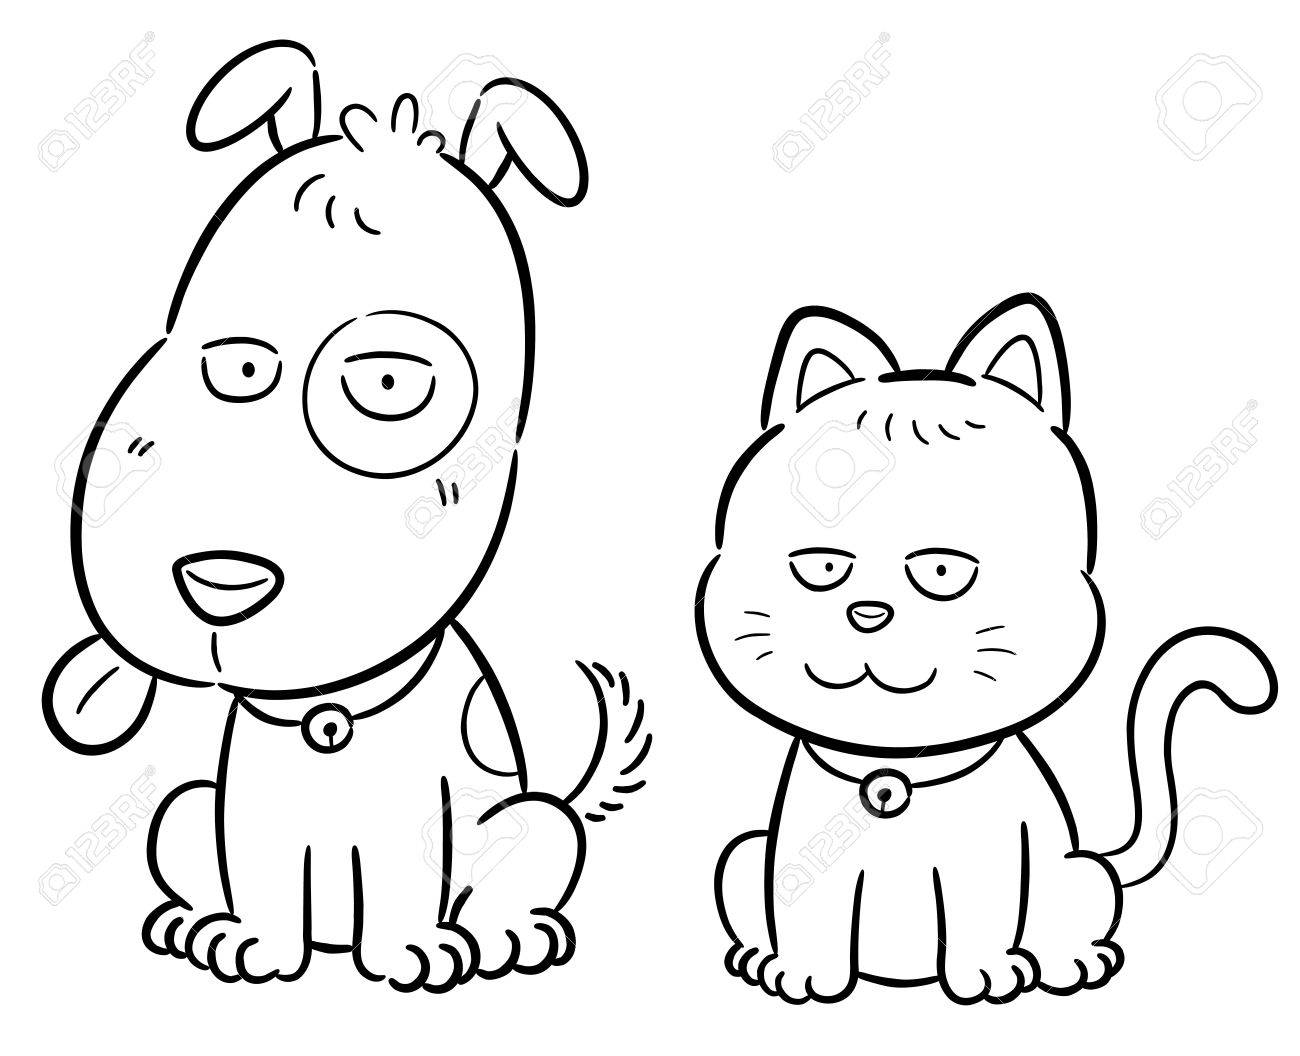 Dibujos Para Colorear De Perros Y Gatos. Great Dibujos De Vacas Para ...